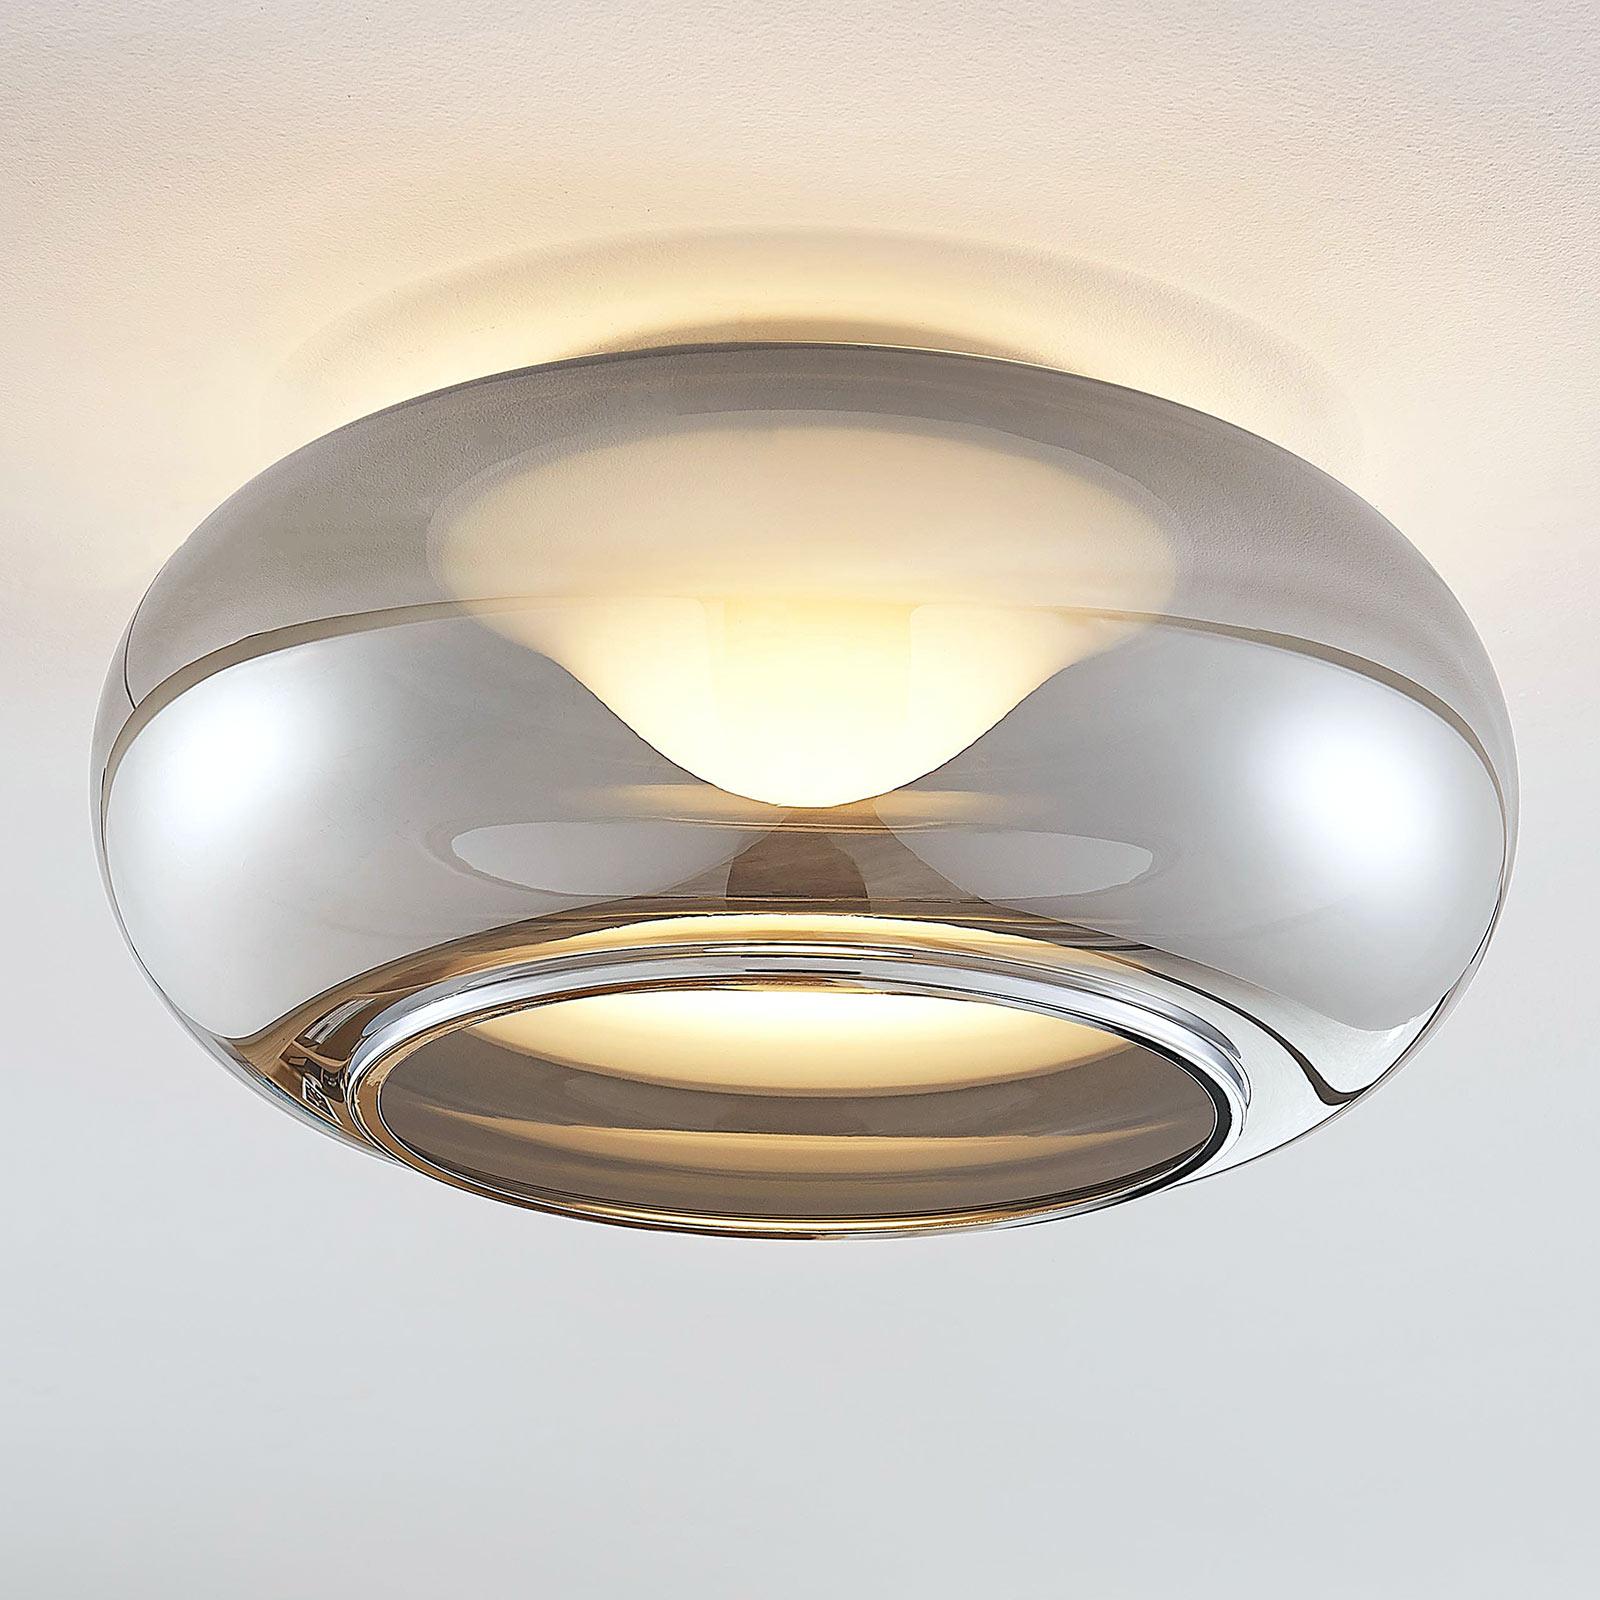 Plafonnier LED en verre Mijo gris fumée